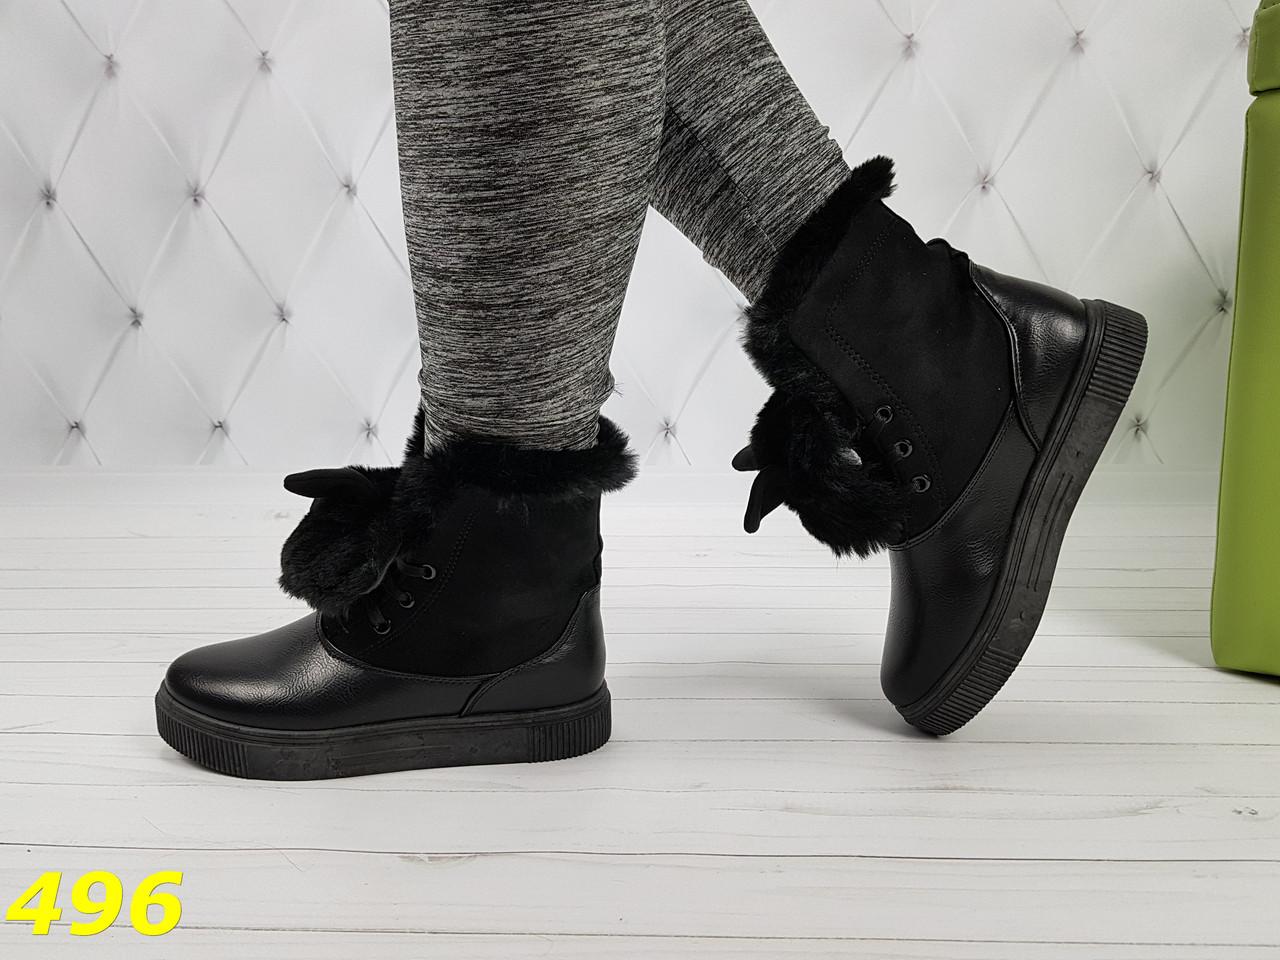 Ботинки с меховой опушкой Ушки